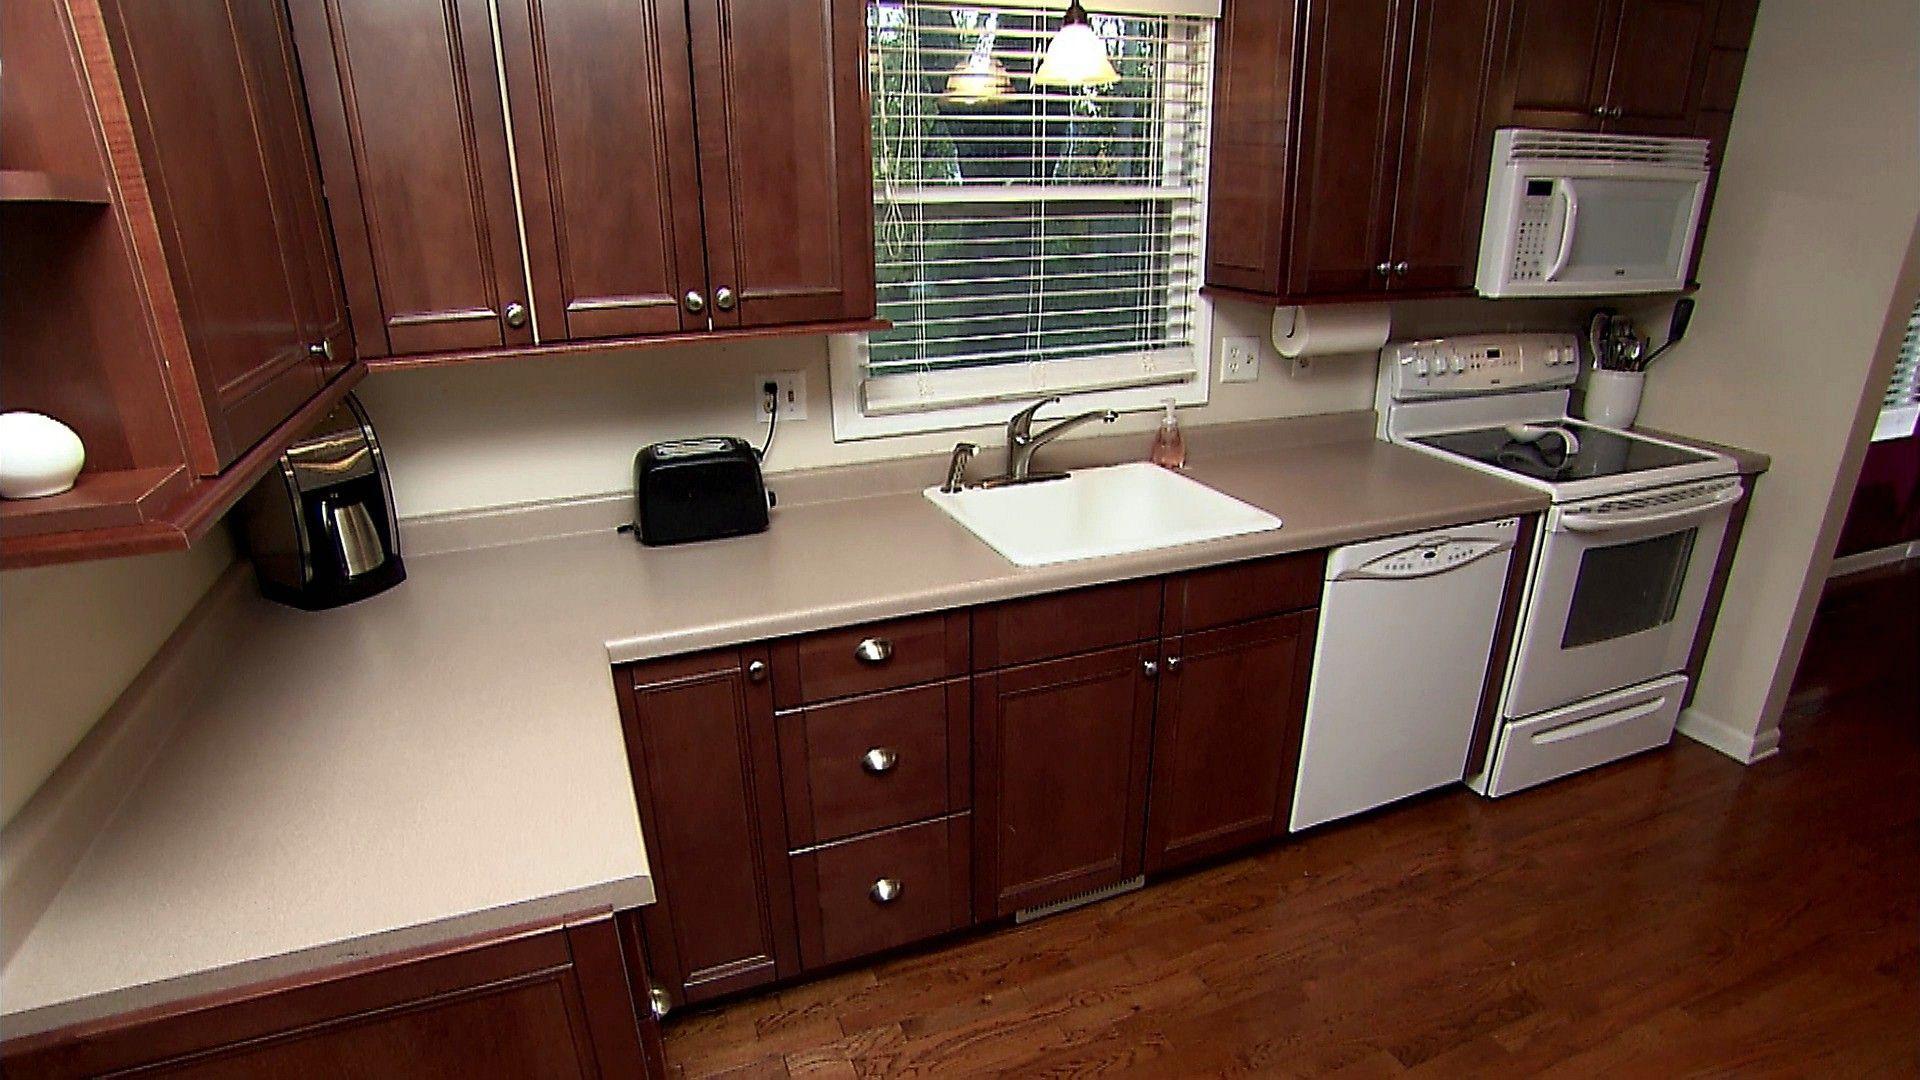 Granitflise til køkkenbordplader